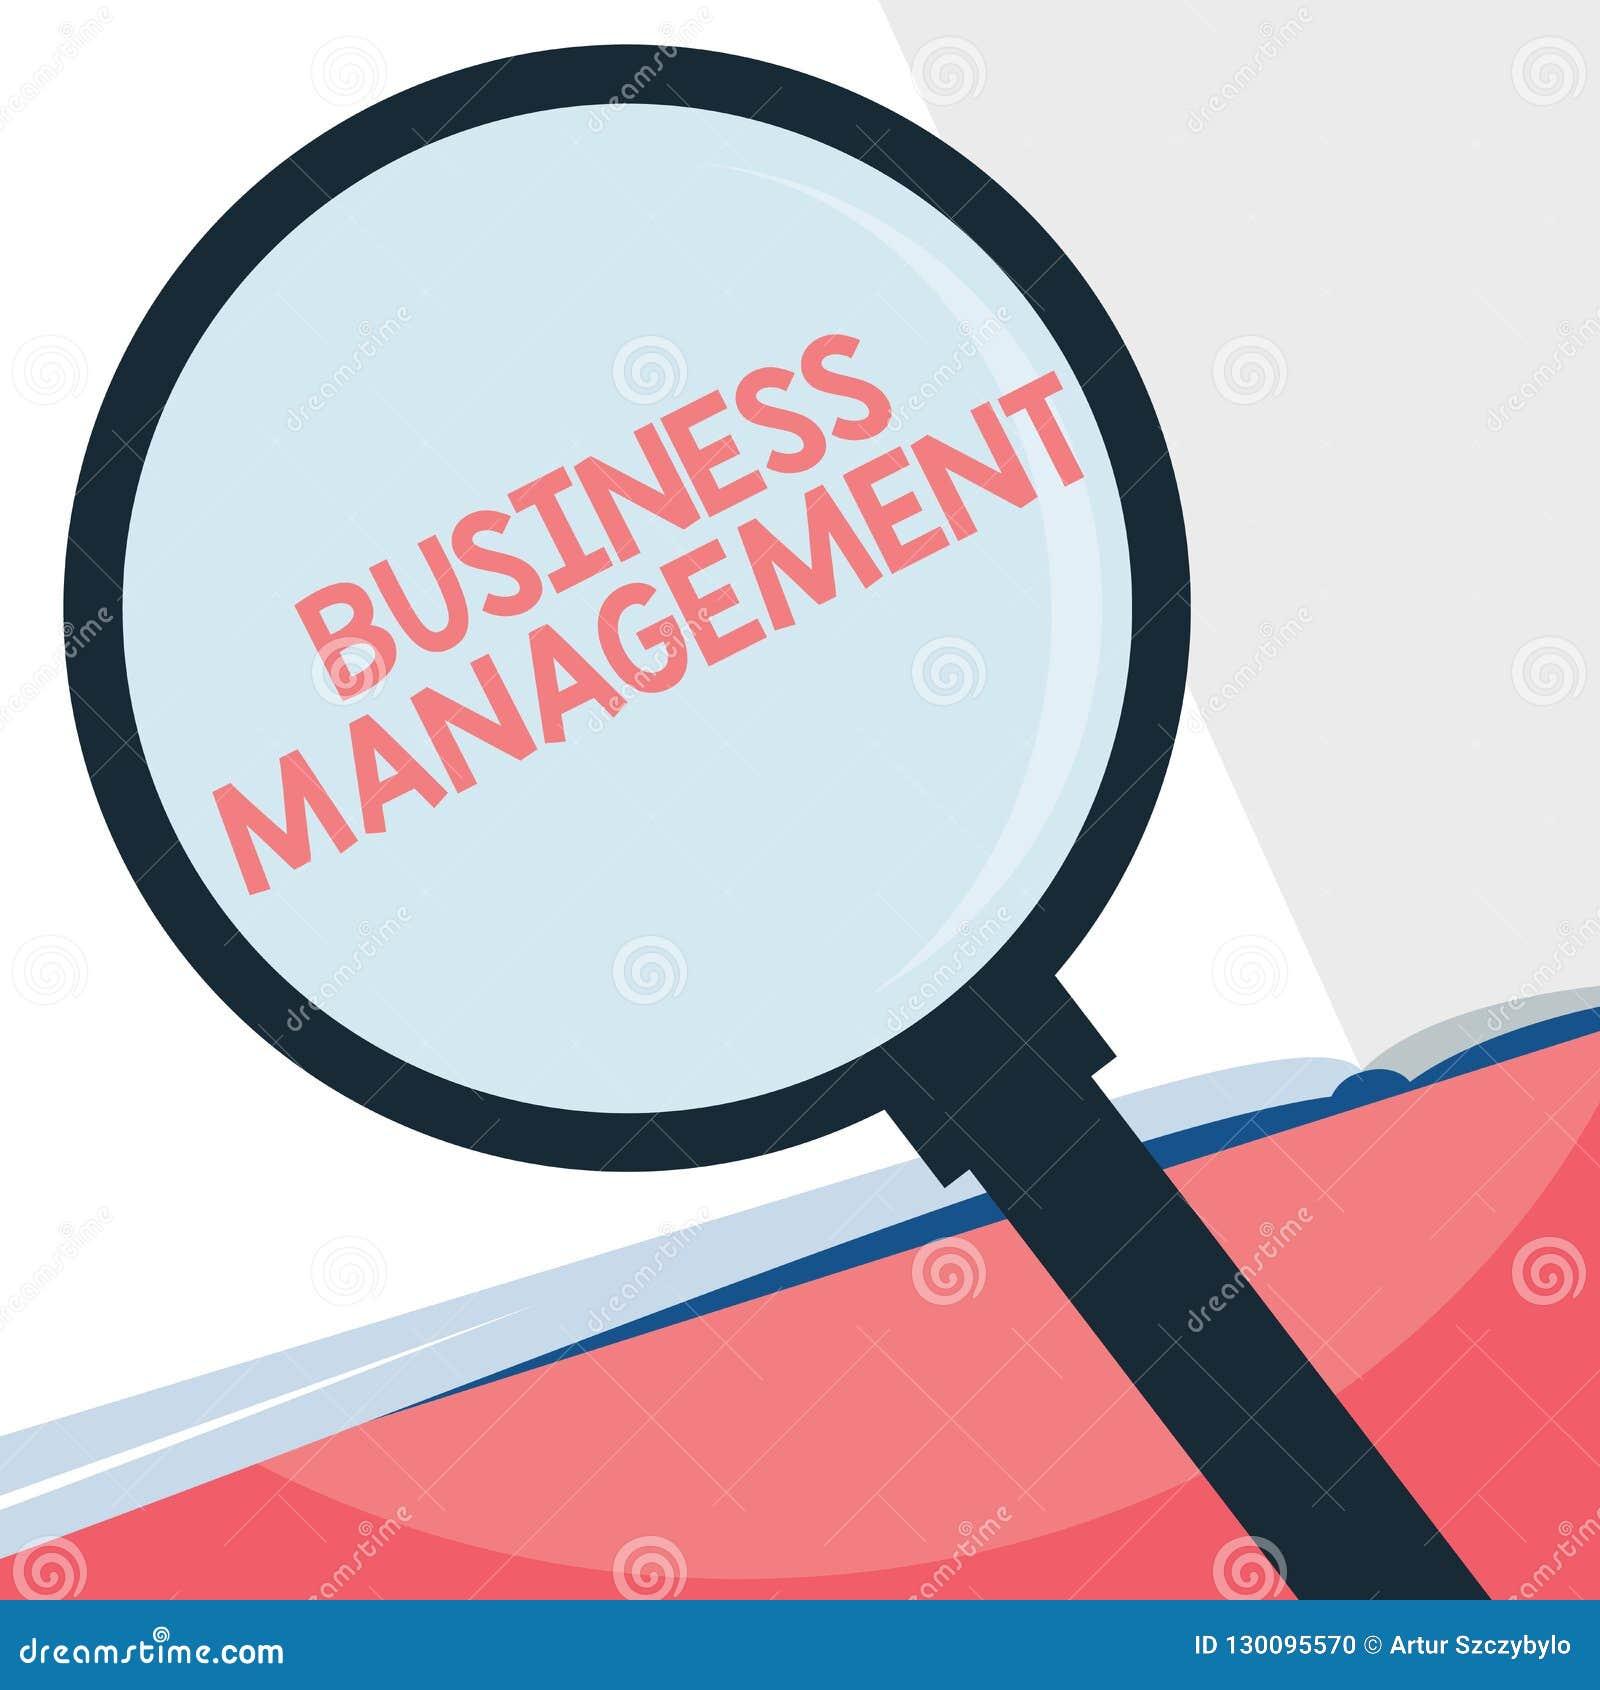 management concepts online courses